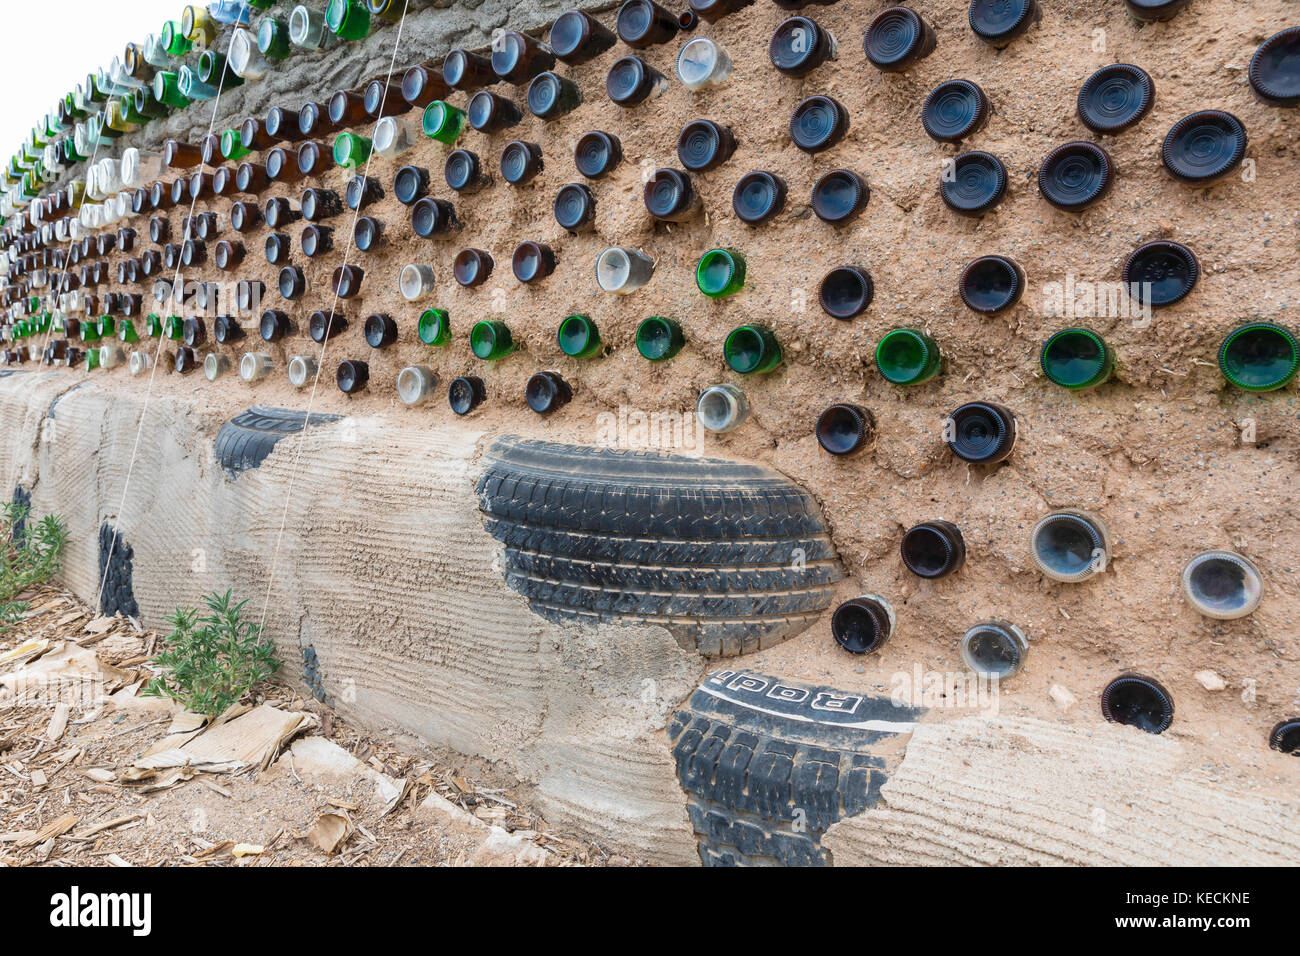 Des bouteilles en verre et utilisé les pneus utilisés dans la construction de mur, plus de monde earthship Photo Stock